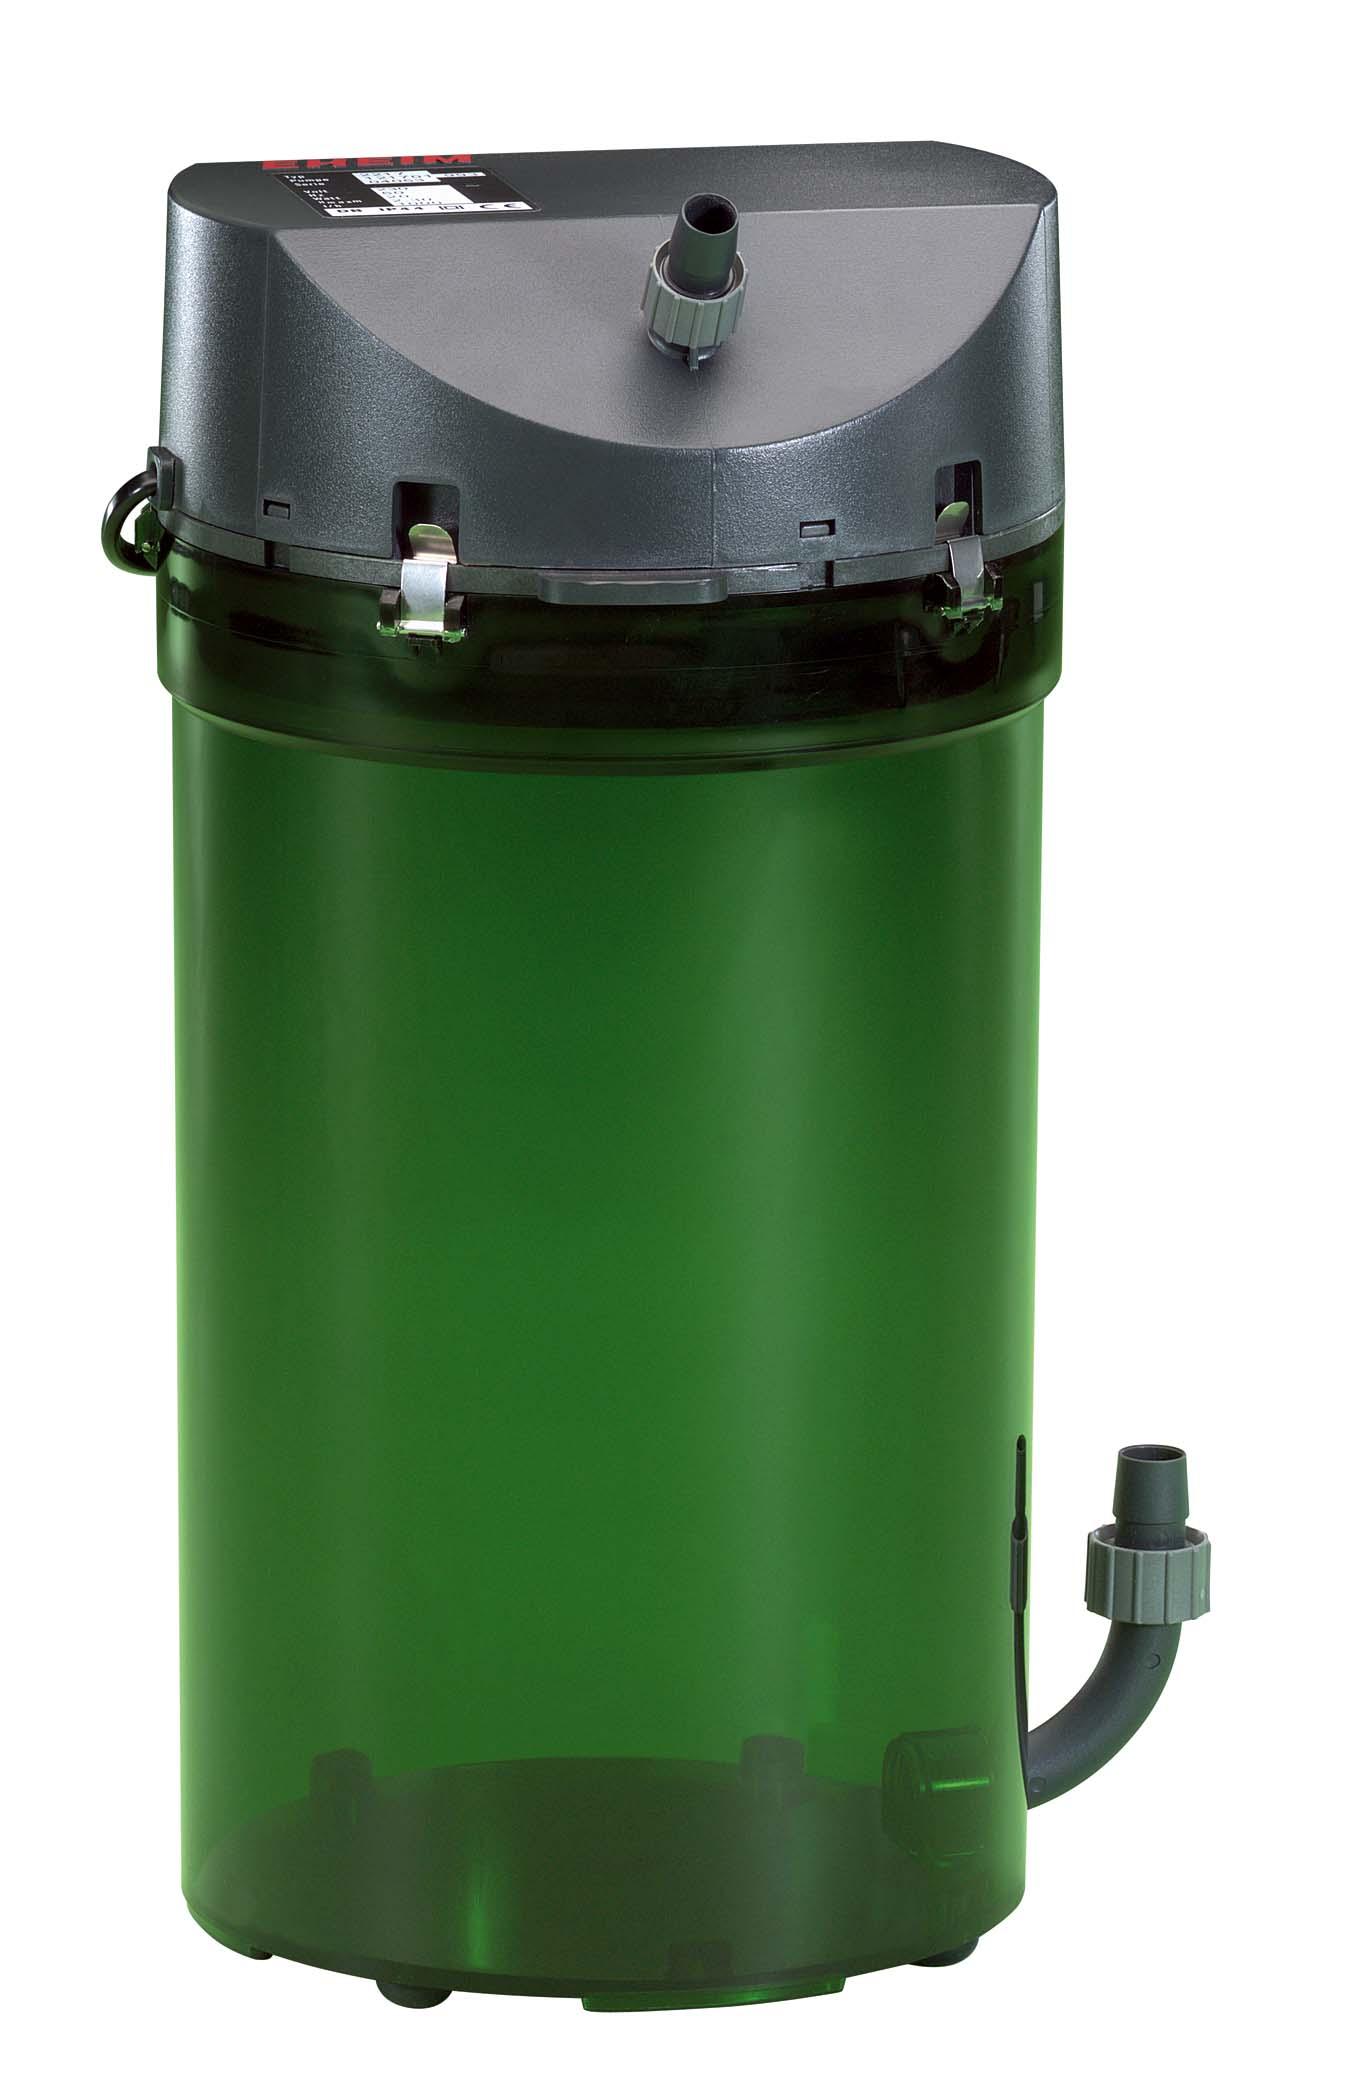 Filtro Ehem classic 600, para acuarios de hasta 150 litros. lo puedes comprar al mejor precio en nuestra tienda de priego de Córdoba con las mejores opiniones de nuestros clientes.